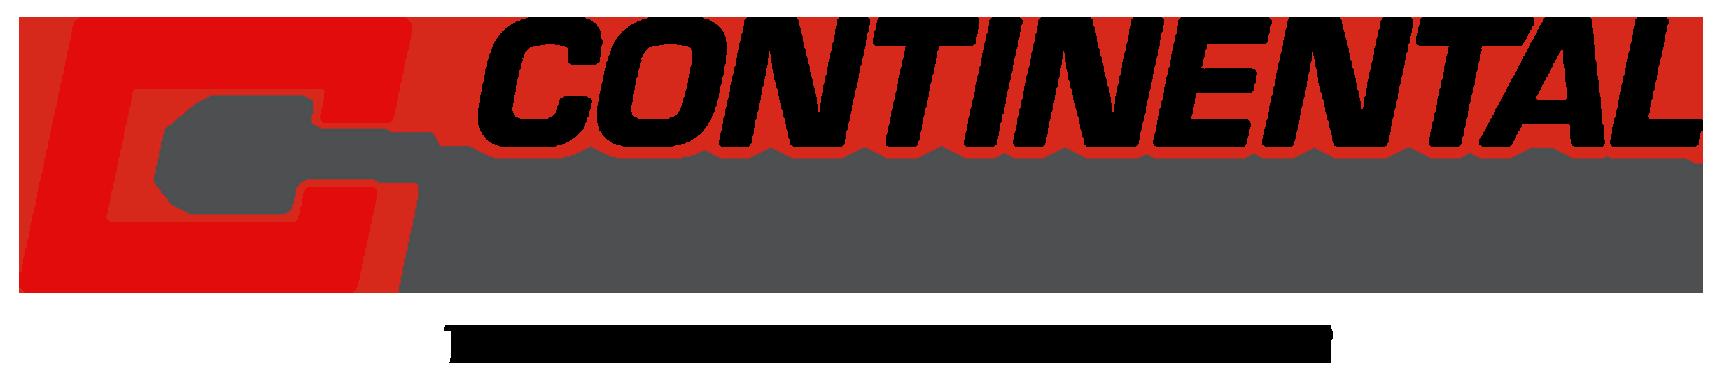 ISU8920634030